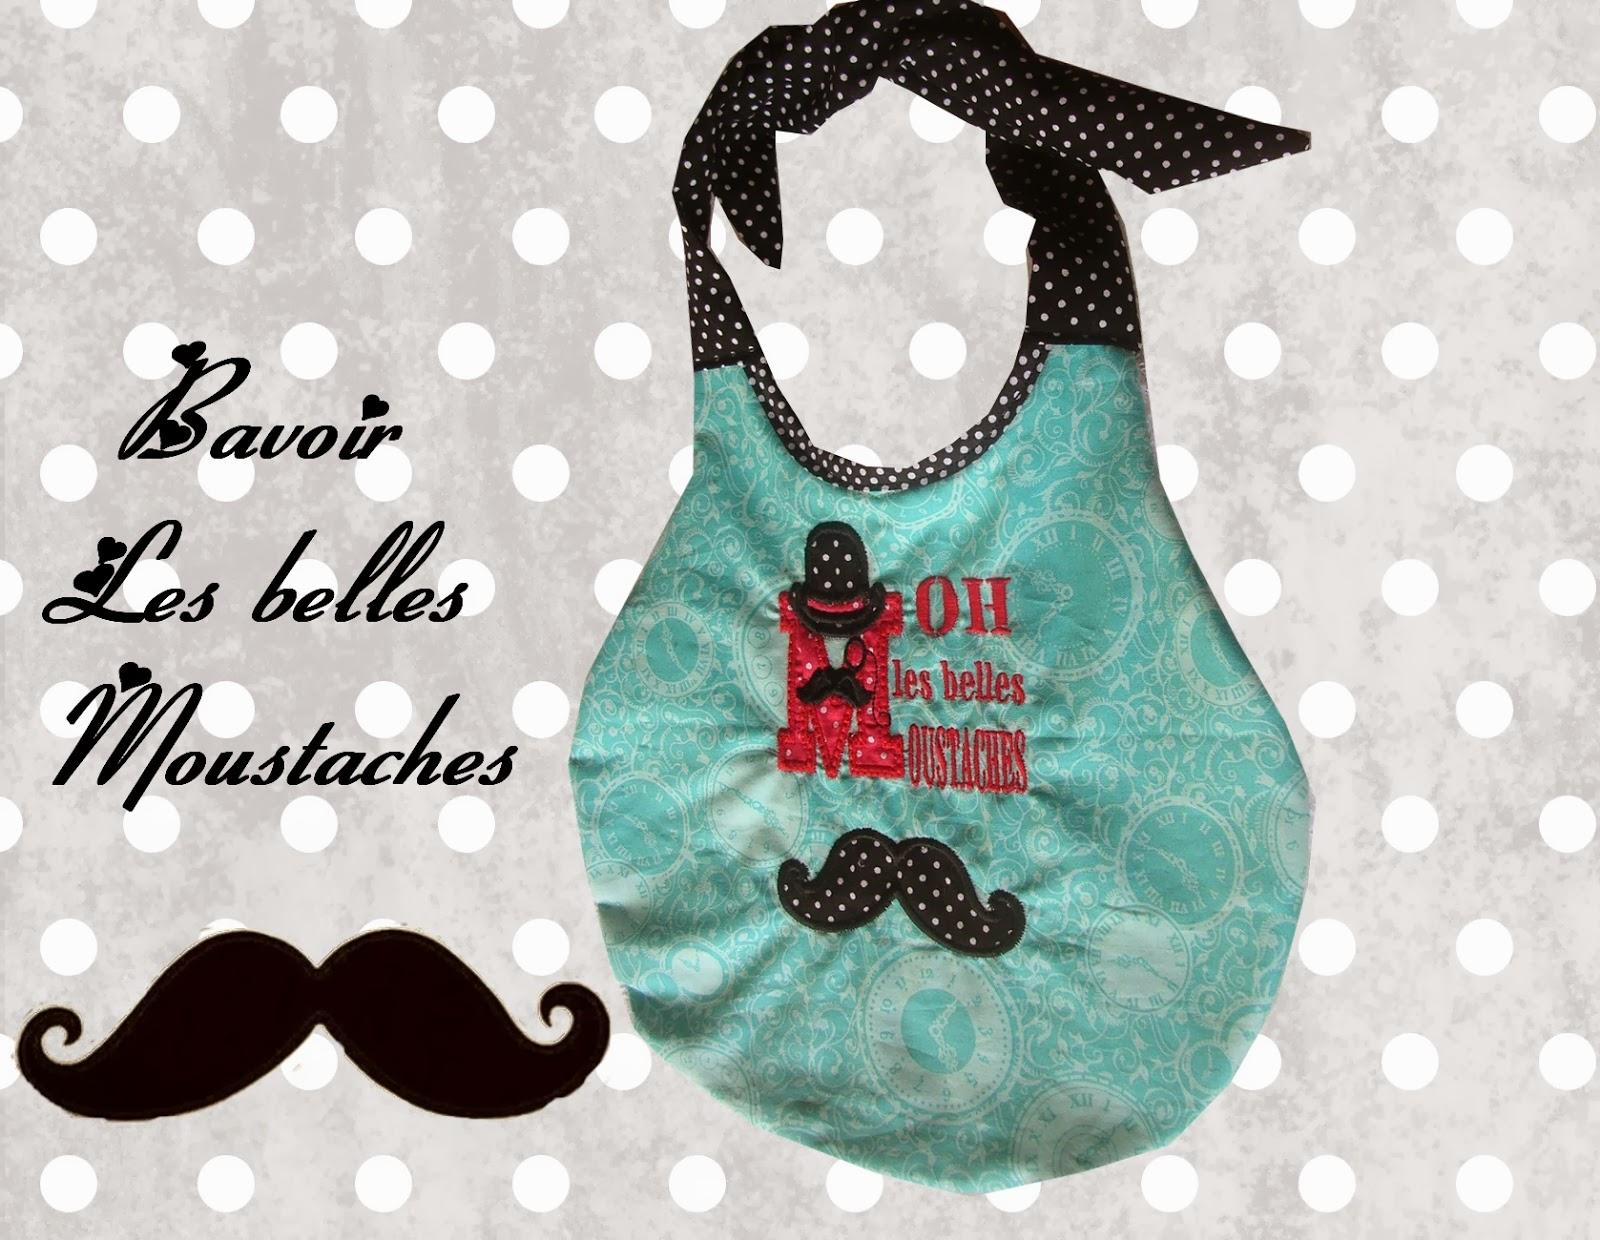 http://www.alittlemarket.com/mode-bebe/nouveau_bavoir_tissu_double_eponge_les_belles_moustaches_fdp_offerts-7011191.html